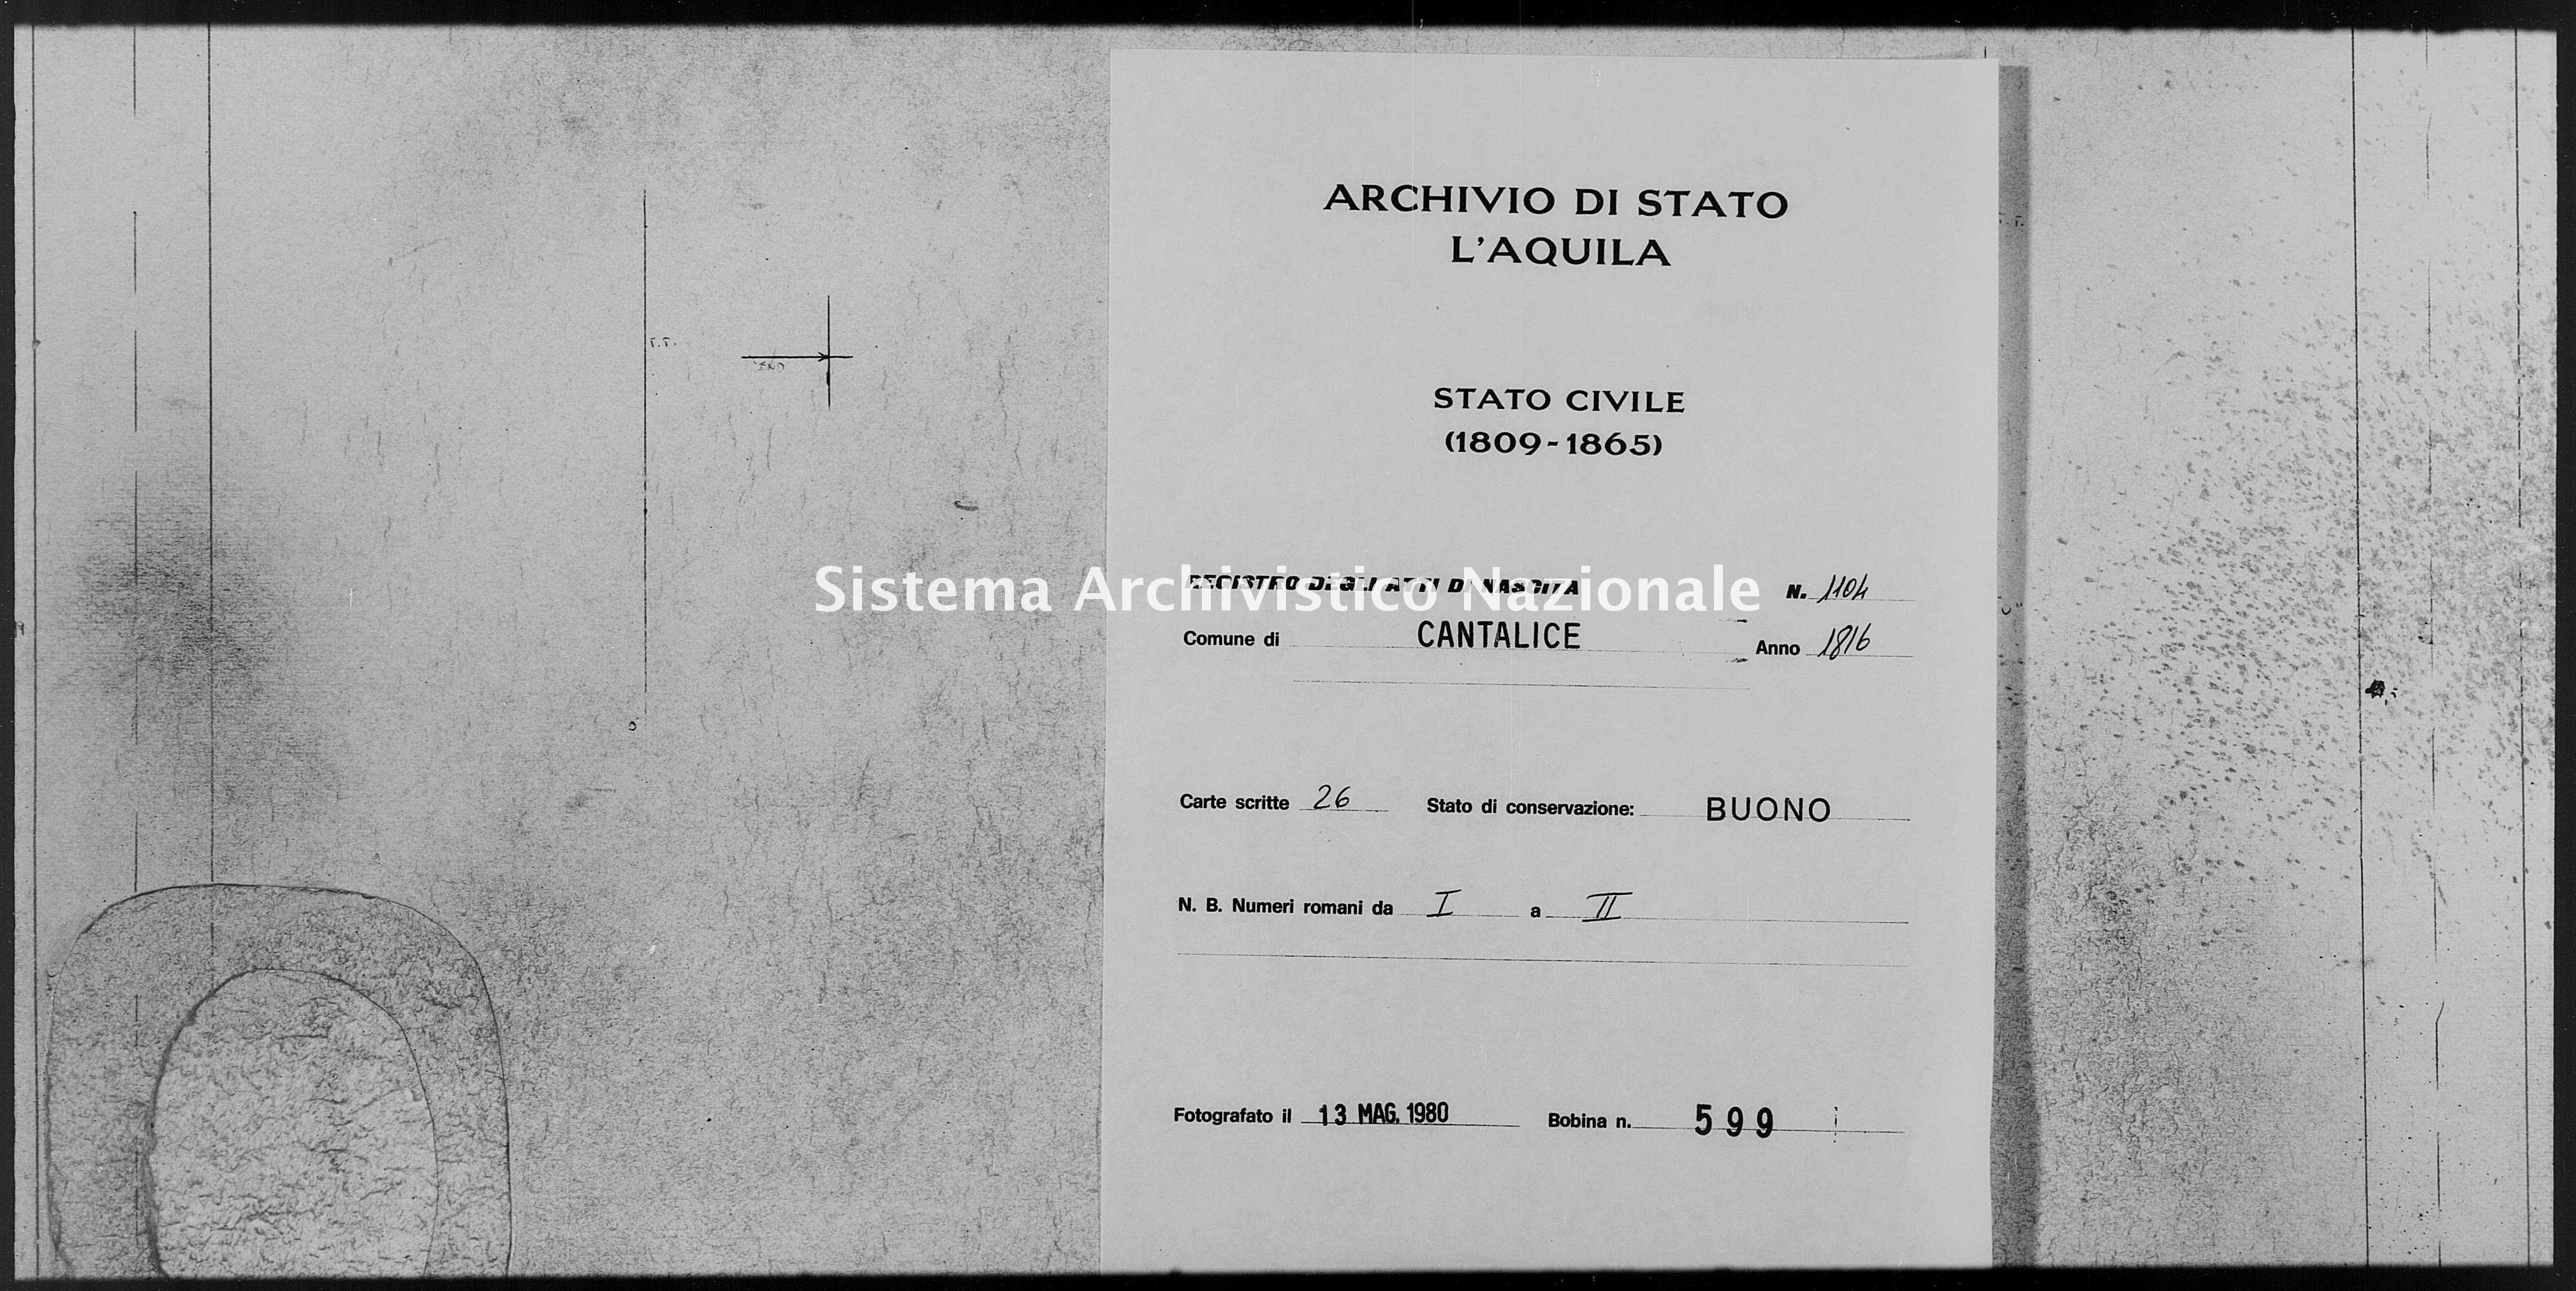 Archivio di stato di L'aquila - Stato civile della restaurazione - Cantalice - Nati - 1816 - 1104 -